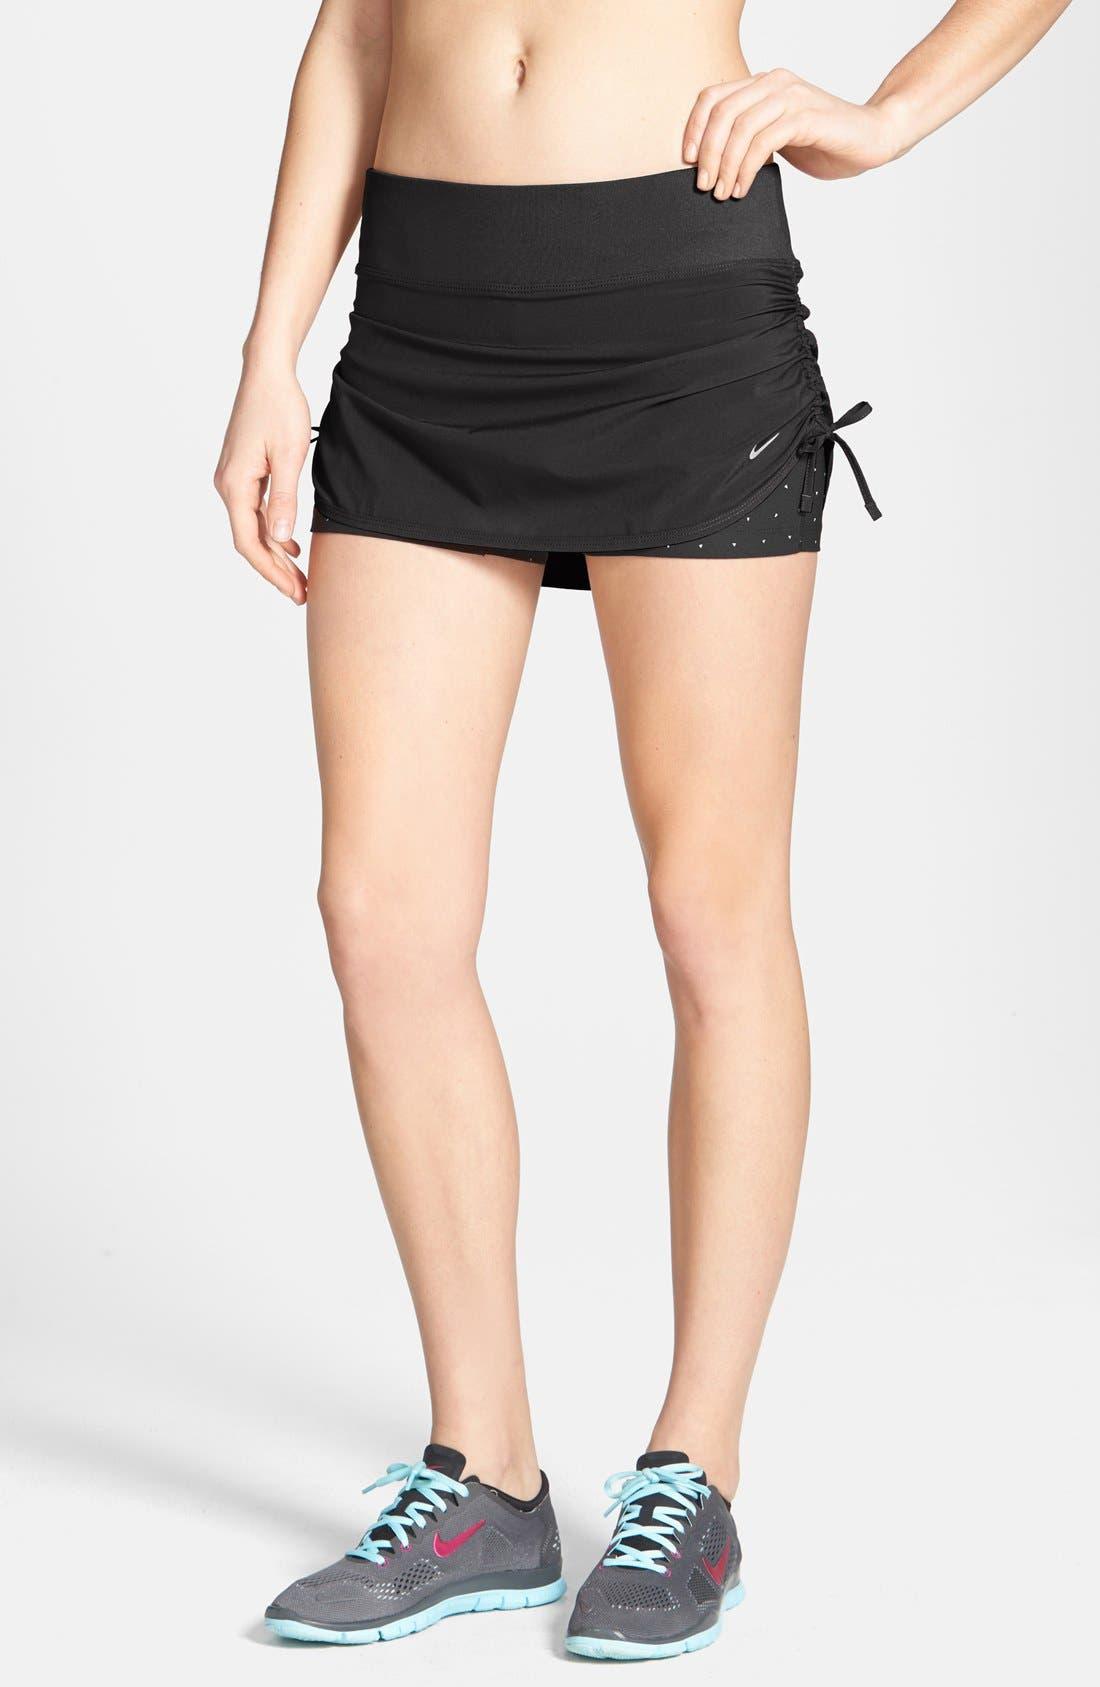 Main Image - Nike 'Rival' Dri-FIT Tennis Skirt